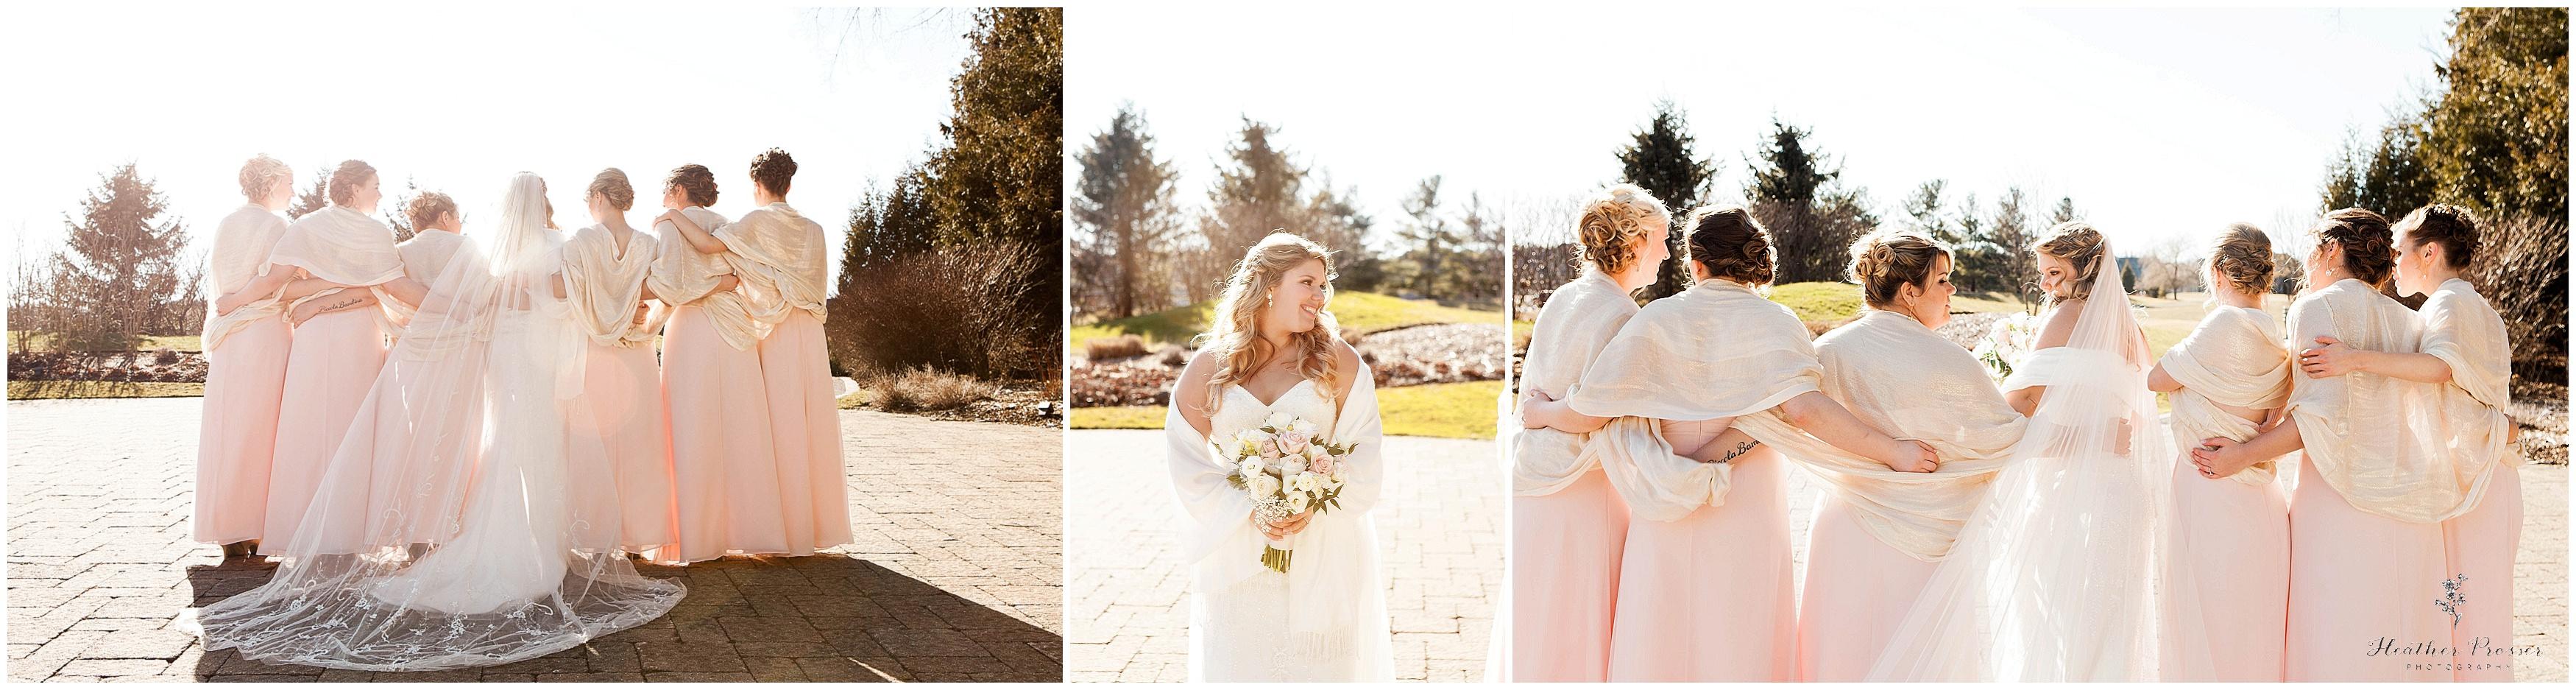 NestletonWatersInn-wedding_0191.jpg